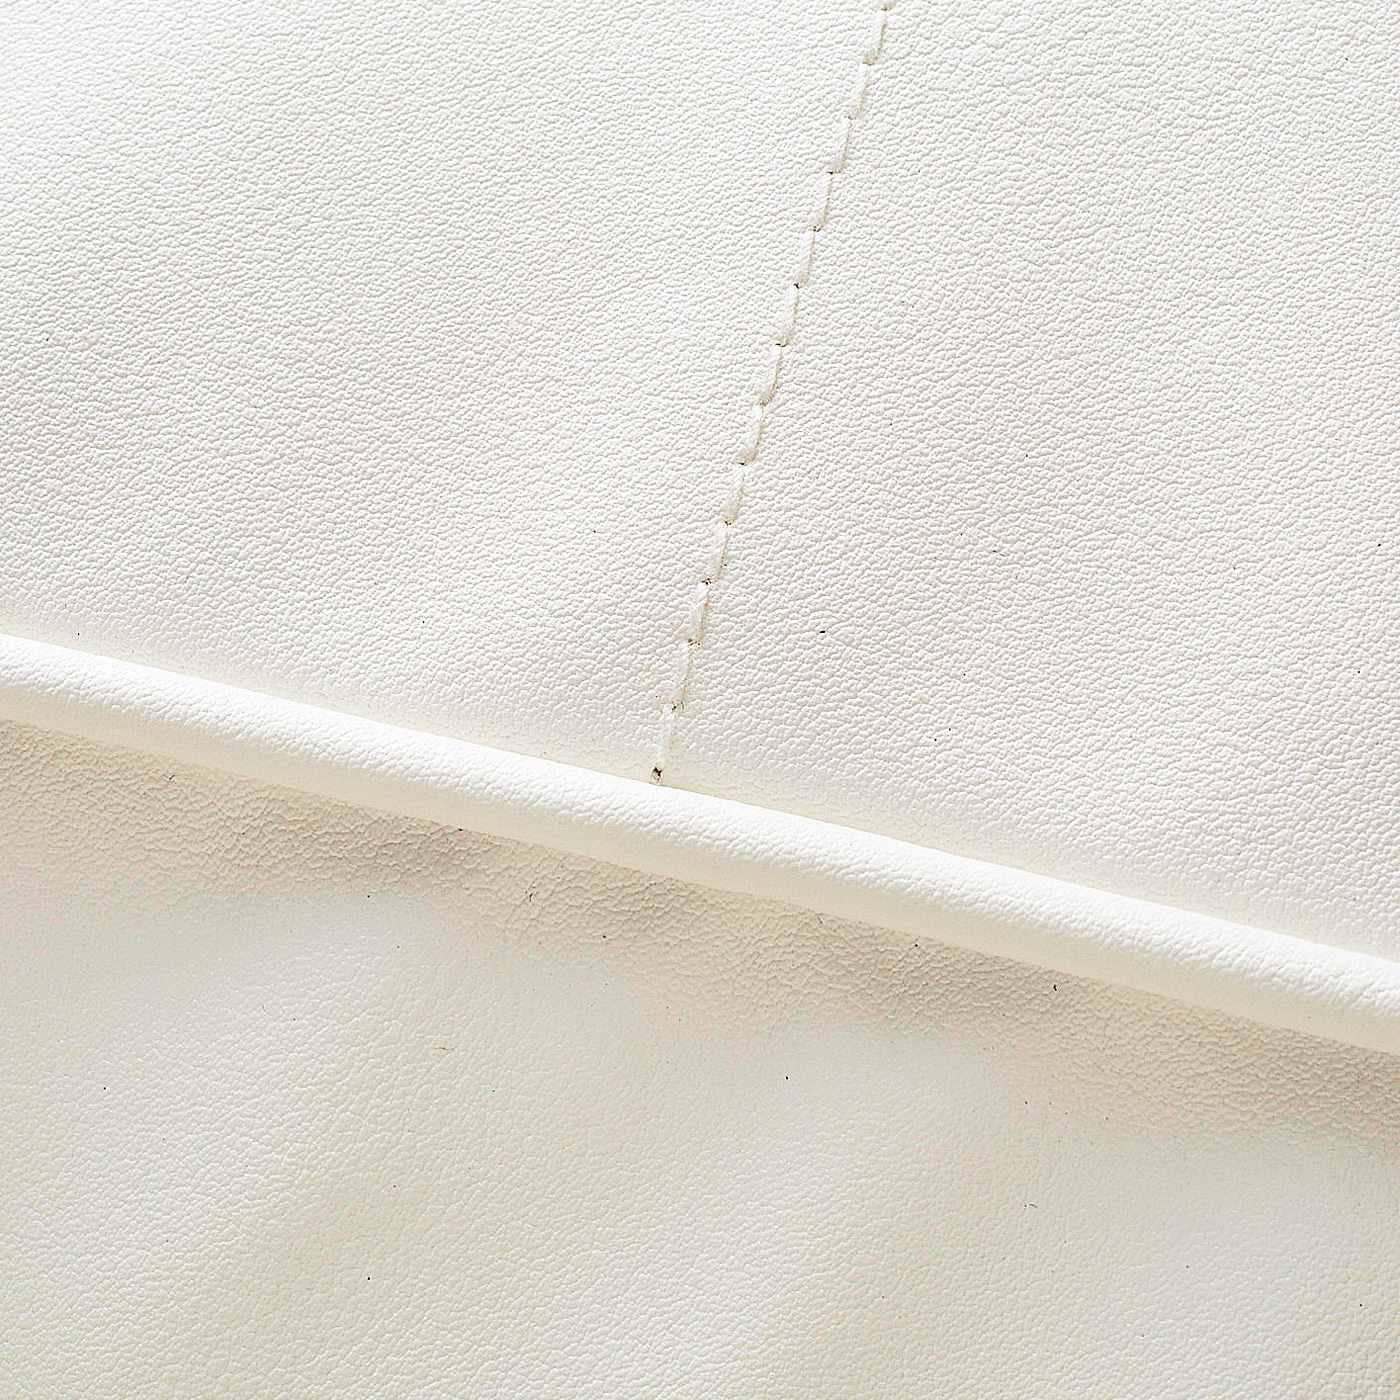 〈 底面 〉光沢と張りが特徴の合成皮革。